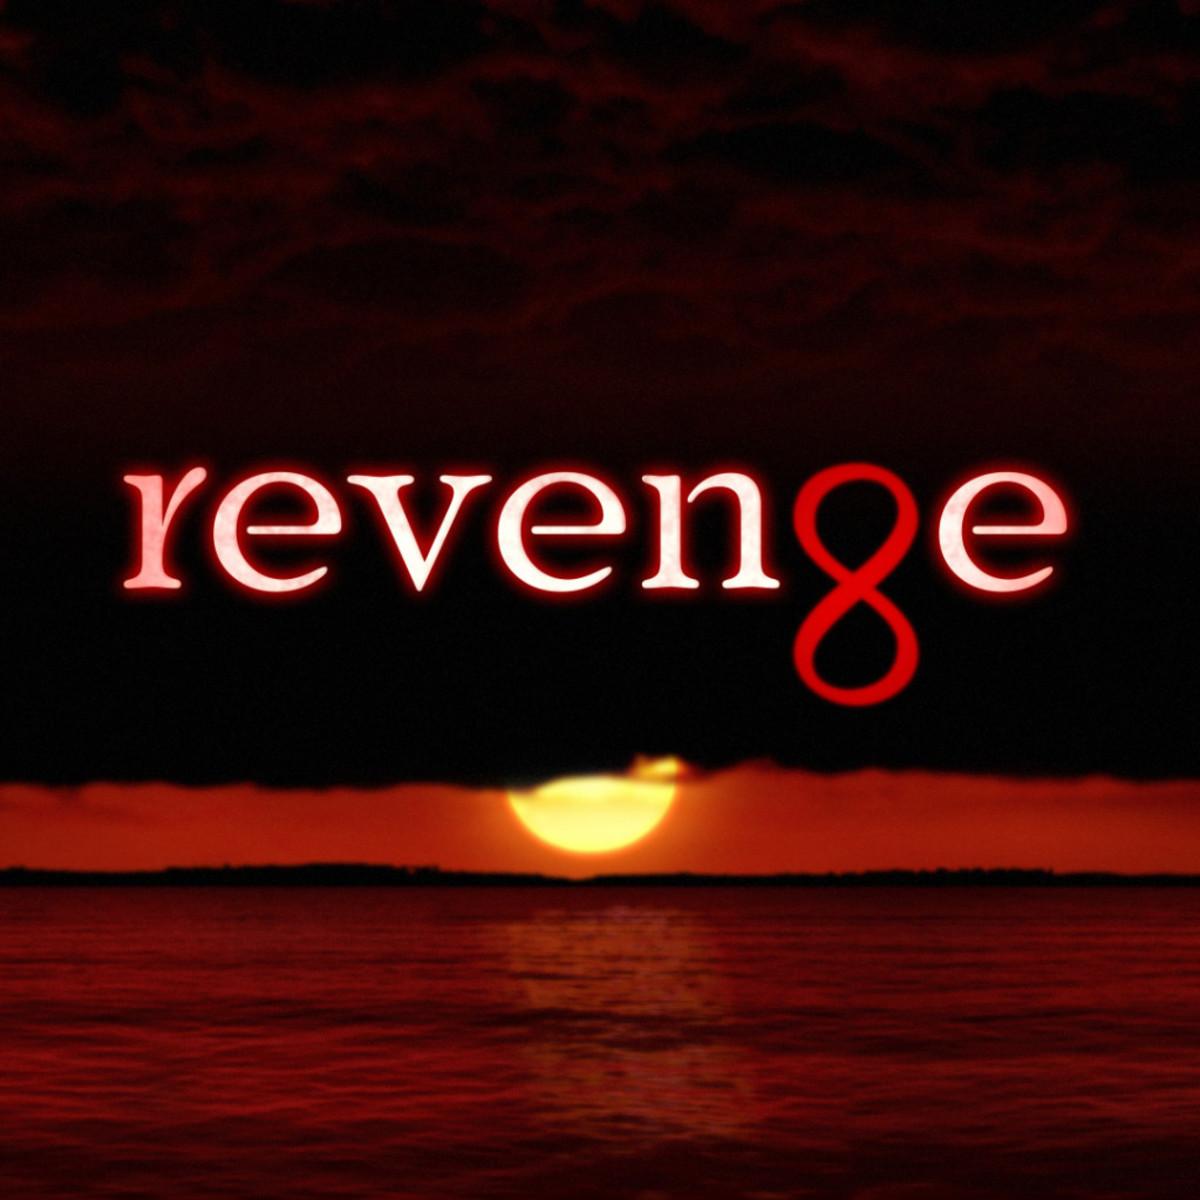 revenge-1024x1024